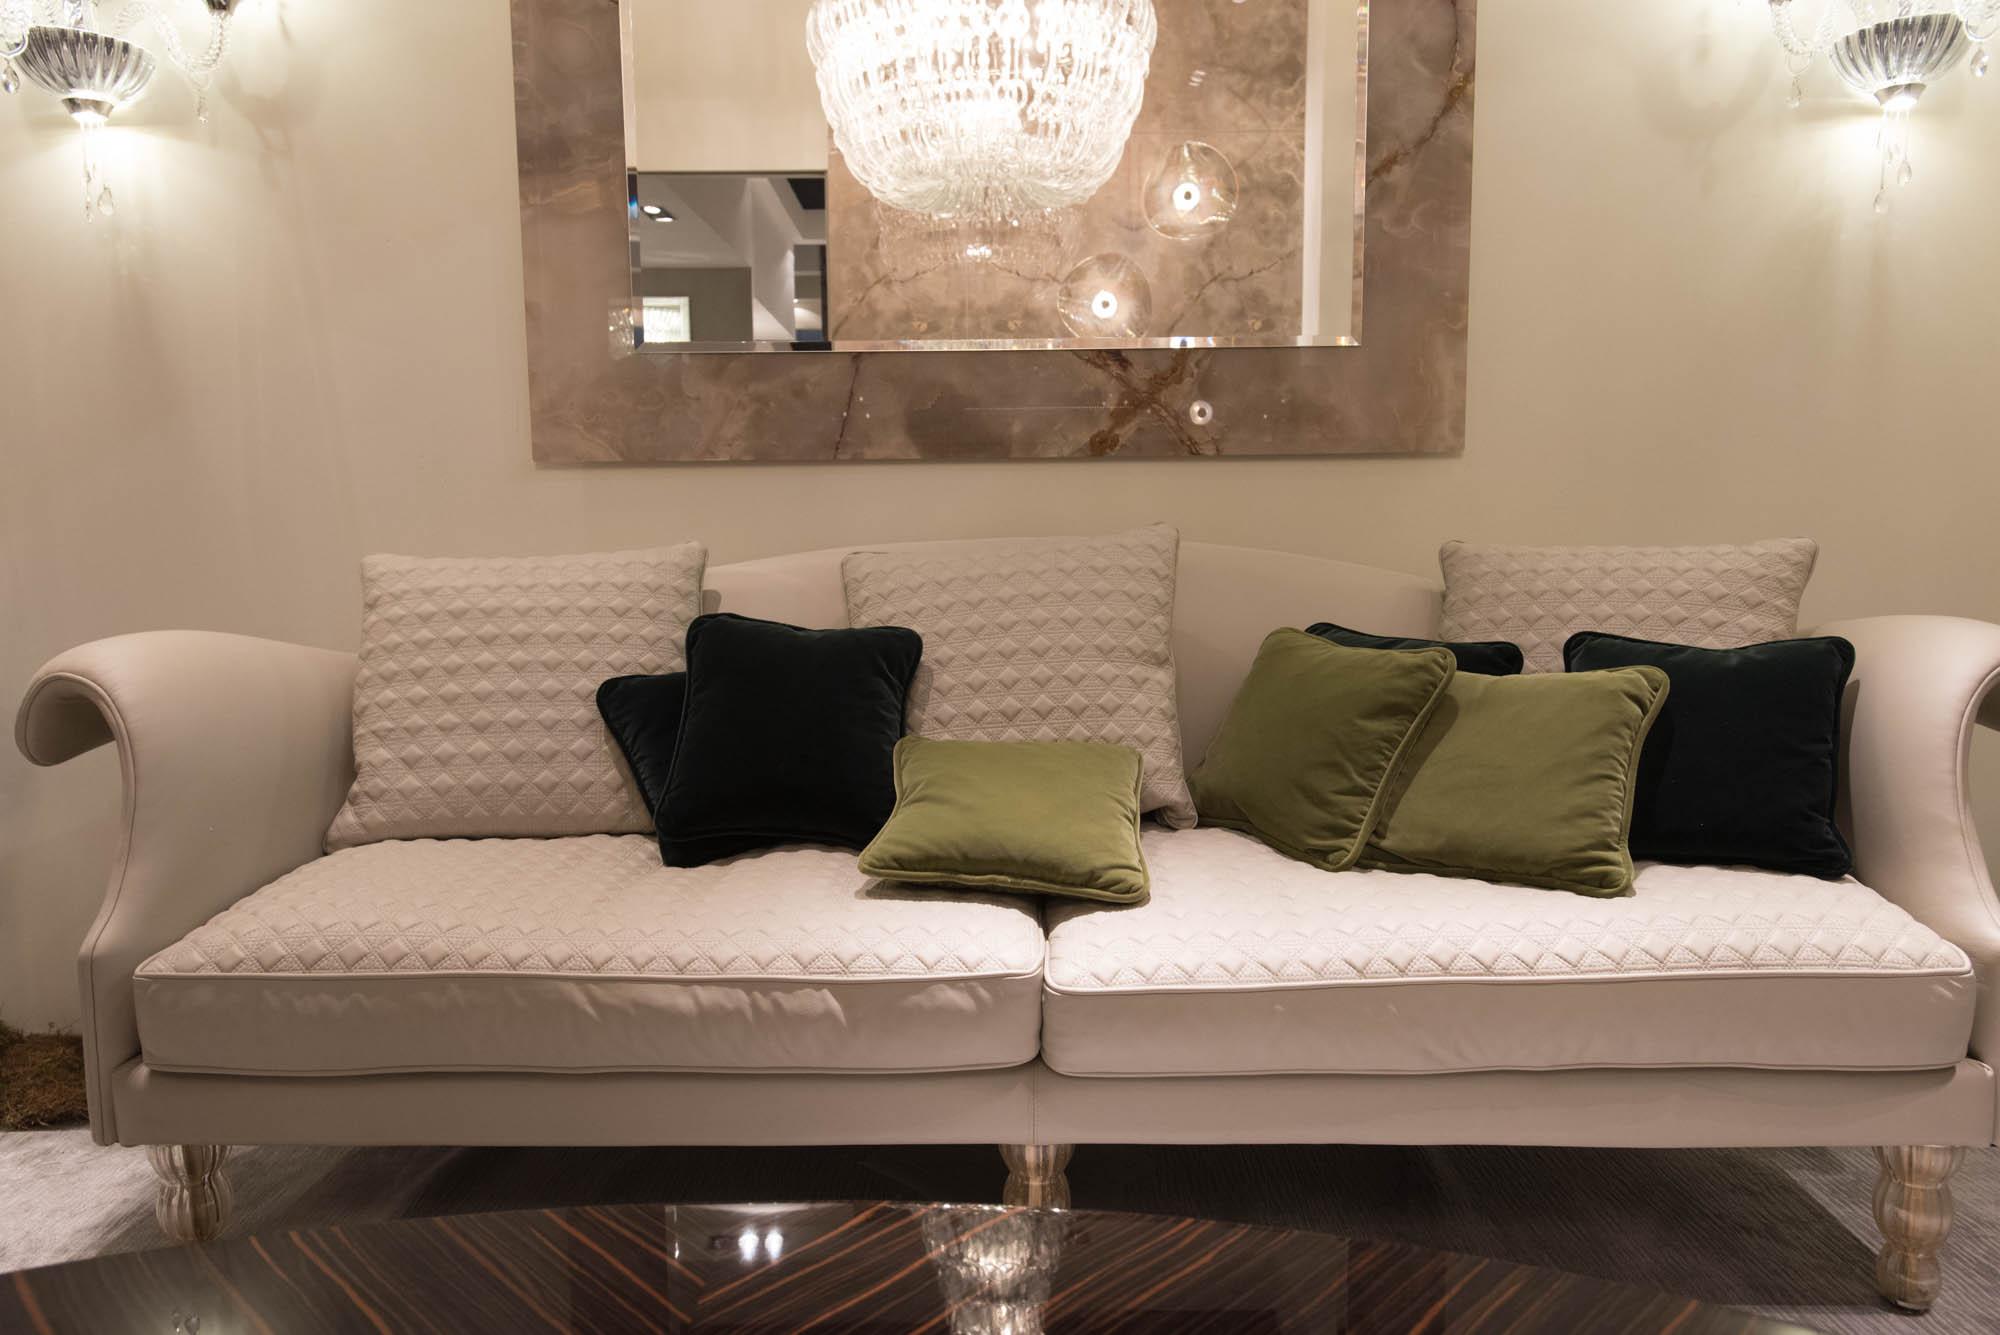 Tendenze arredamento 2017 divani e soggiorni il meglio dal Salone del Mobile Foto  Luxgallery